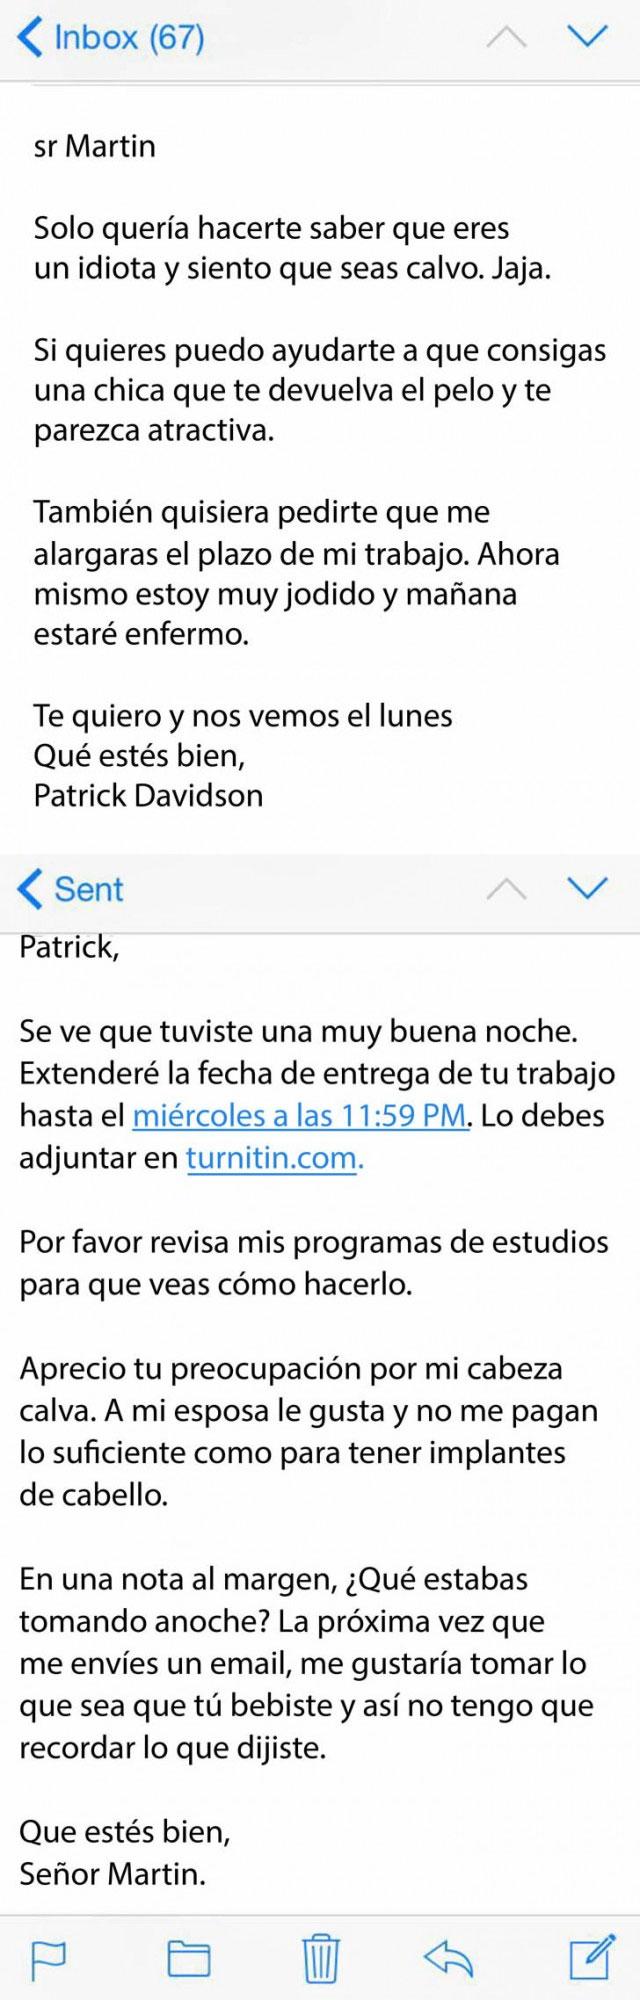 un-alumno-envia-un-email-borracho-a-su-profesor-y-le-responde-iphone-2-2015